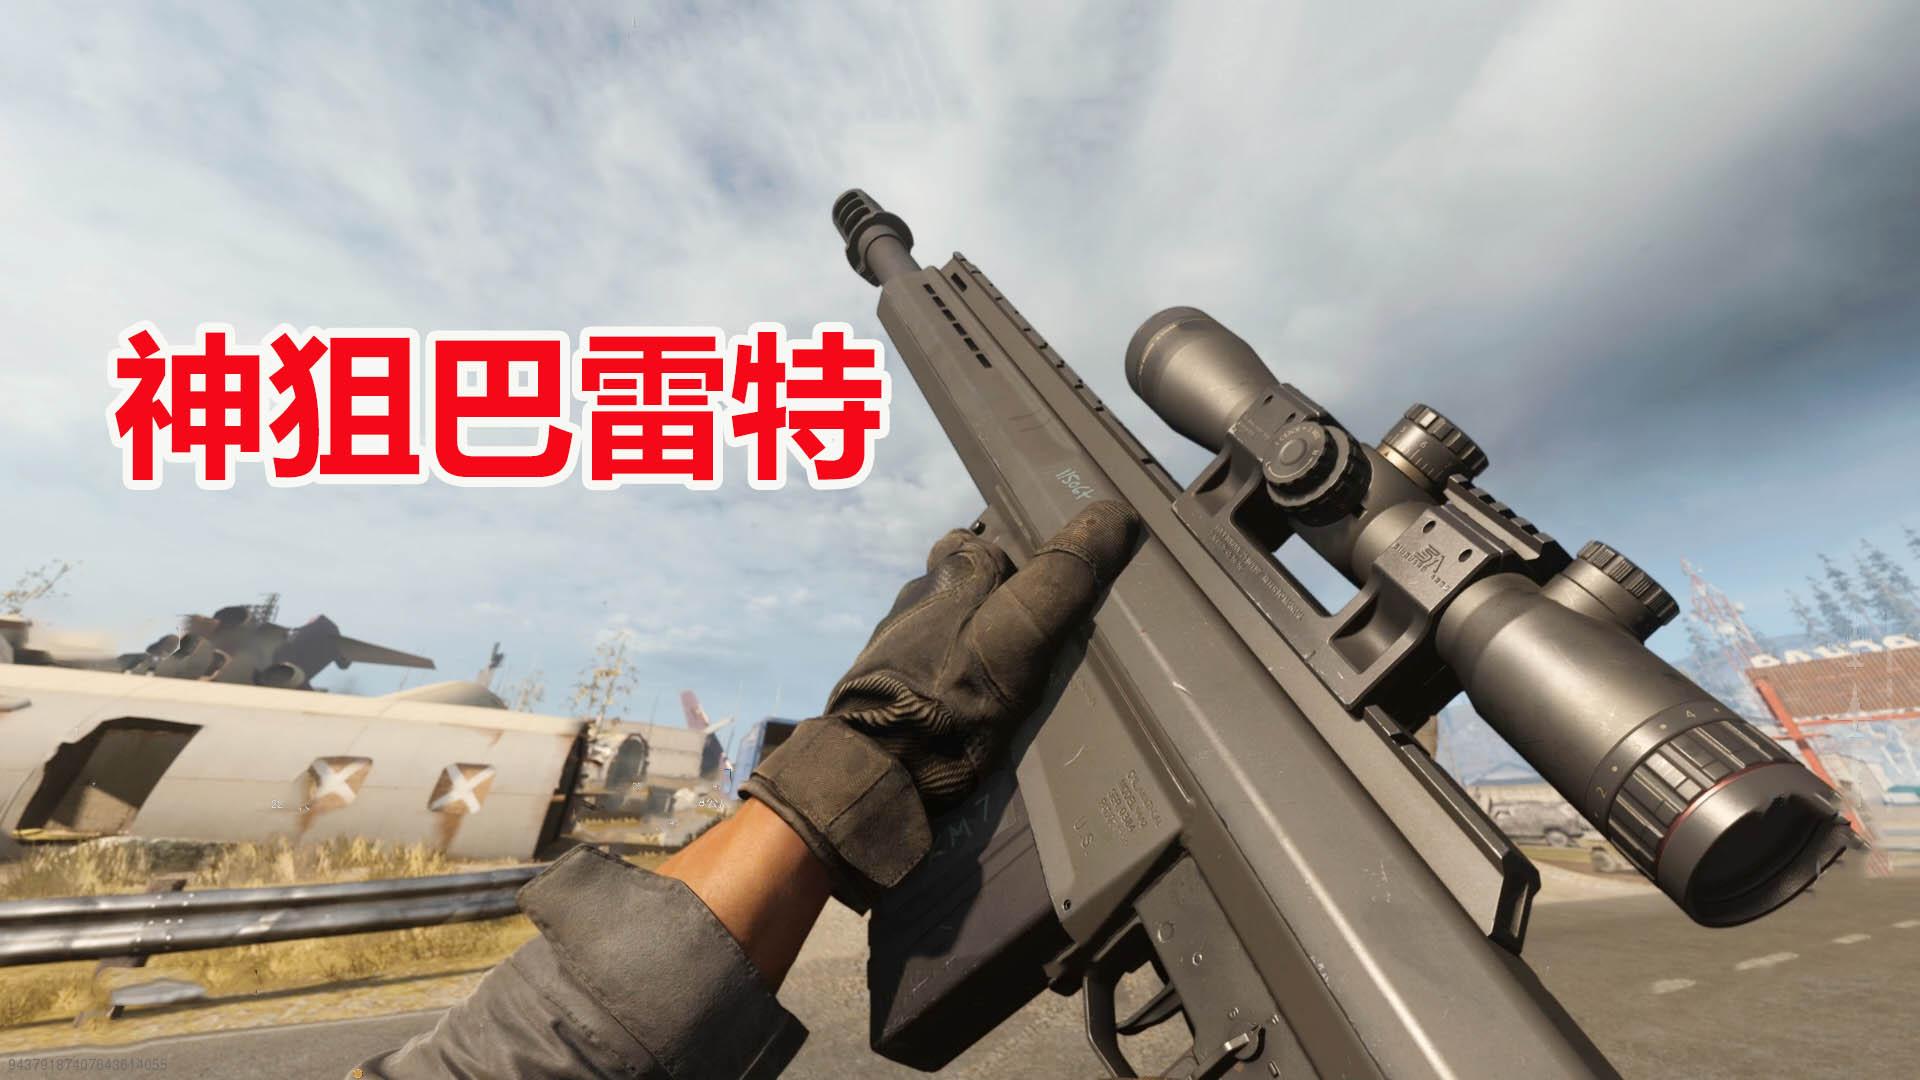 使命召唤16:感受裸枪神狙巴雷特,大炮果然是最好用的狙击枪